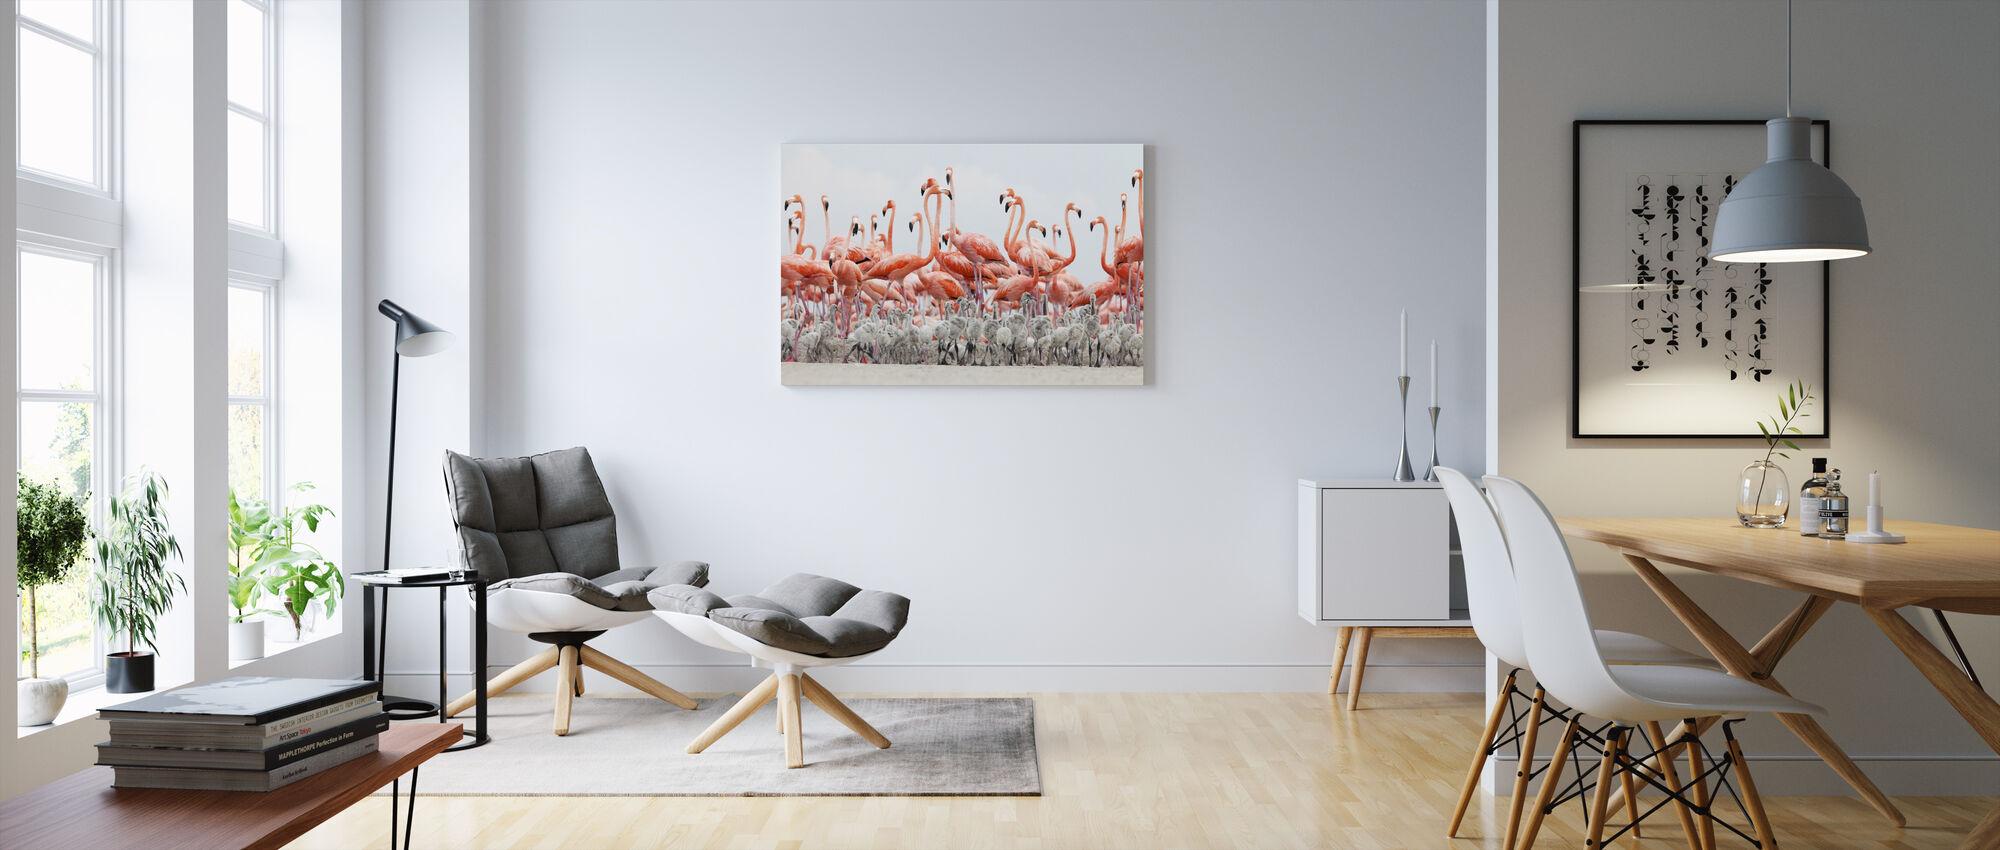 Caribbean Flamingo - Canvas print - Living Room